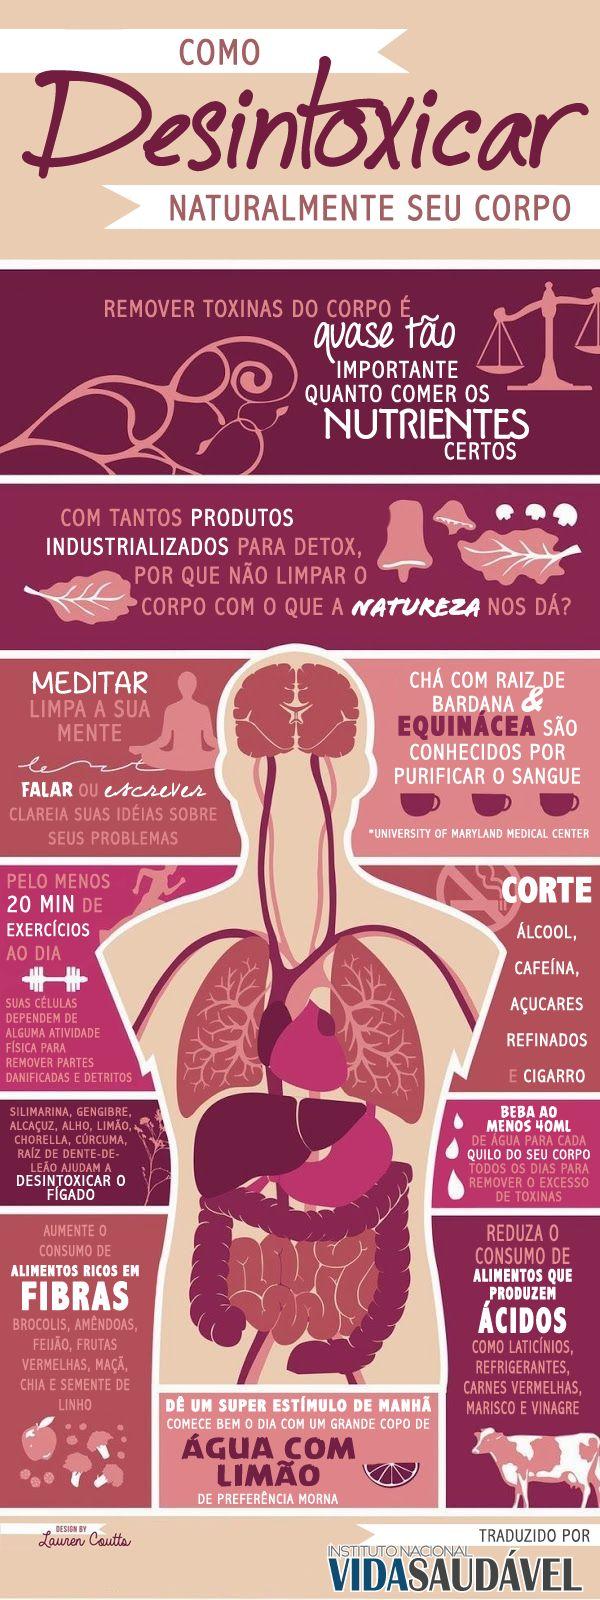 Infográfico [INVS] Como Desintoxicar Naturalmente Seu Corpo